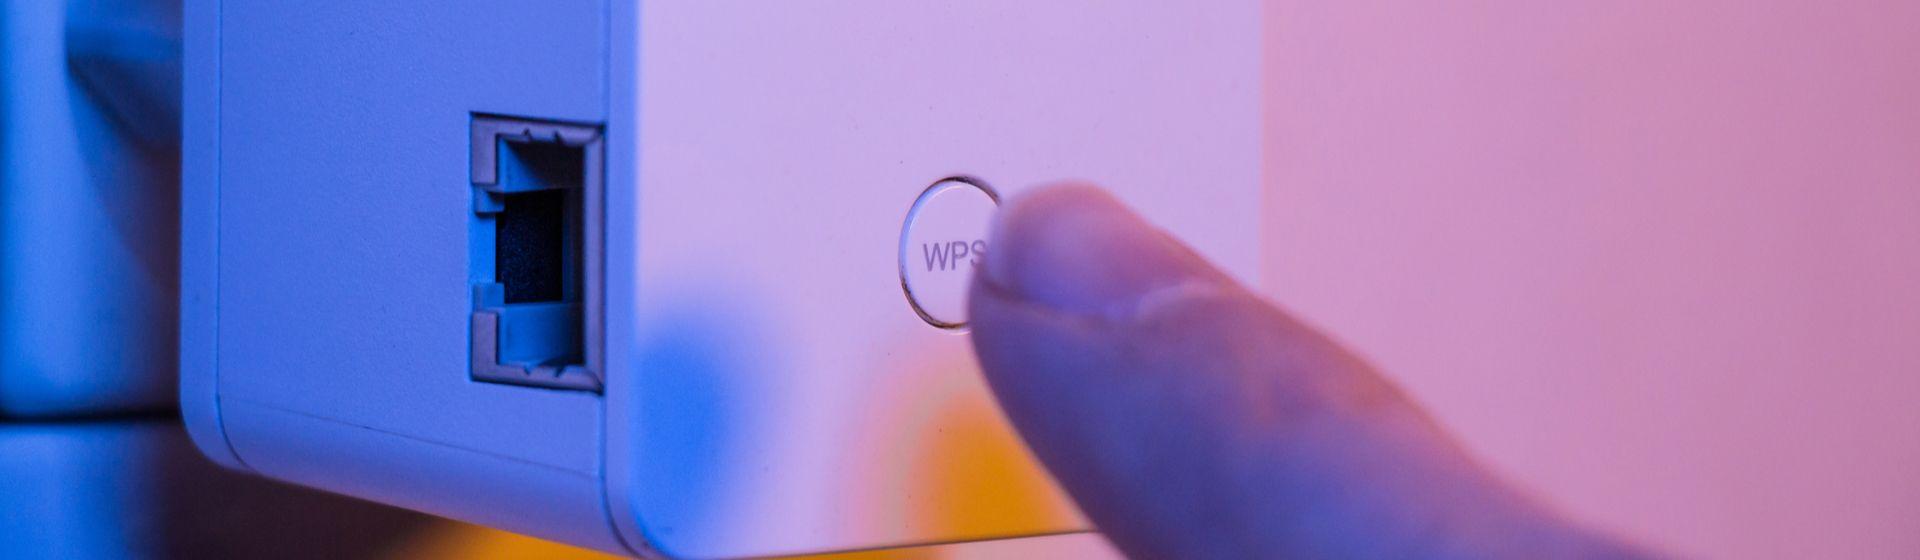 Melhor repetidor de sinal Wi-Fi em 2020: veja 5 modelos para comprar